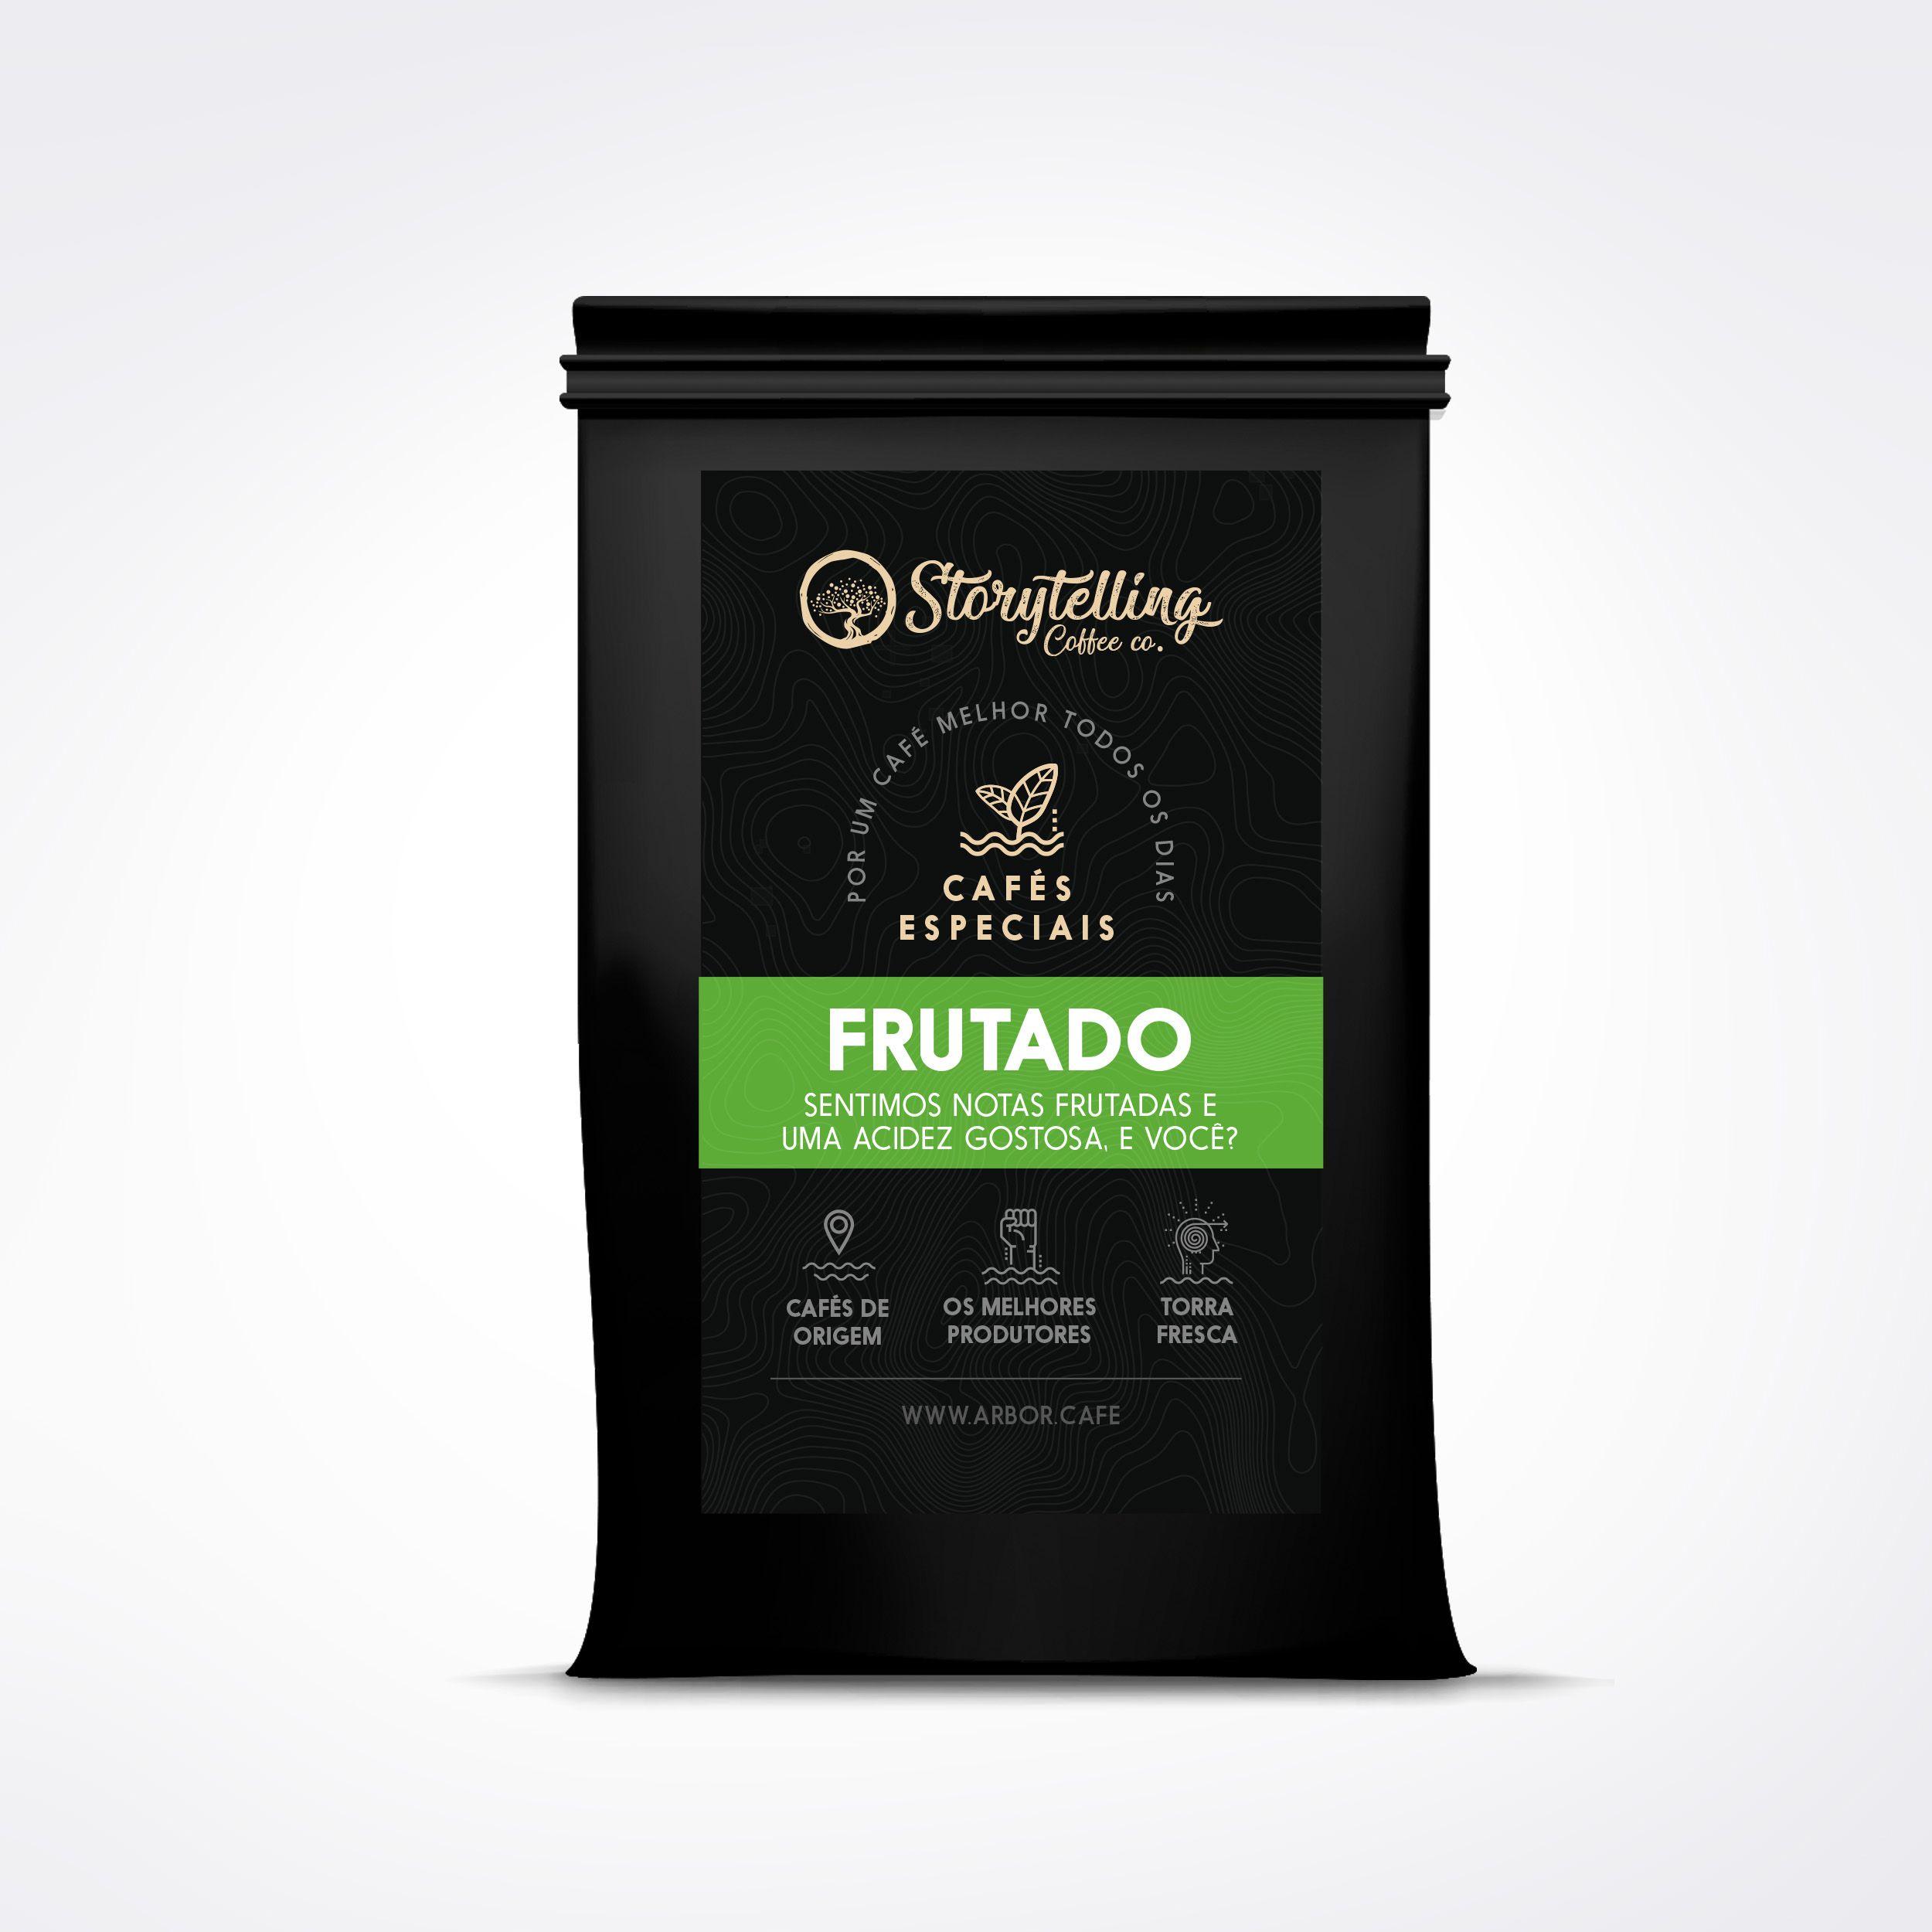 250g de Café Frutado - Storytelling Coffee